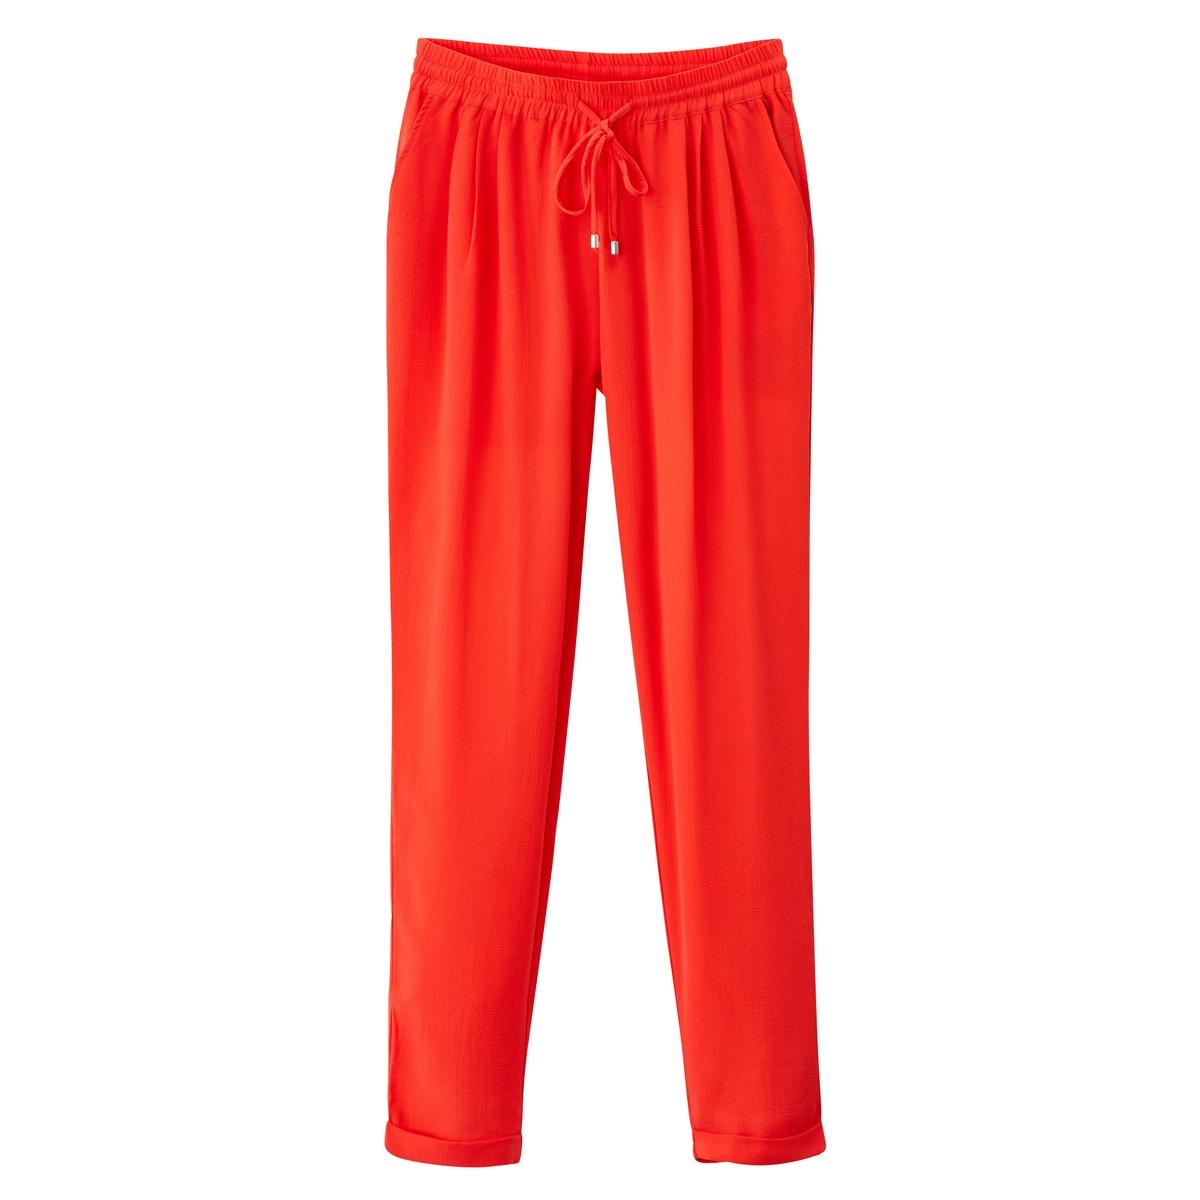 Брюки спортивные из струящейся тканиДетали  •  Спортивные брюки •  Стандартная высота поясаСостав и уход  •  100% полиэстер •  Следуйте рекомендациям по уходу, указанным на этикетке изделияИзделие адаптировано для периода беременности<br><br>Цвет: коралловый<br>Размер: M/L